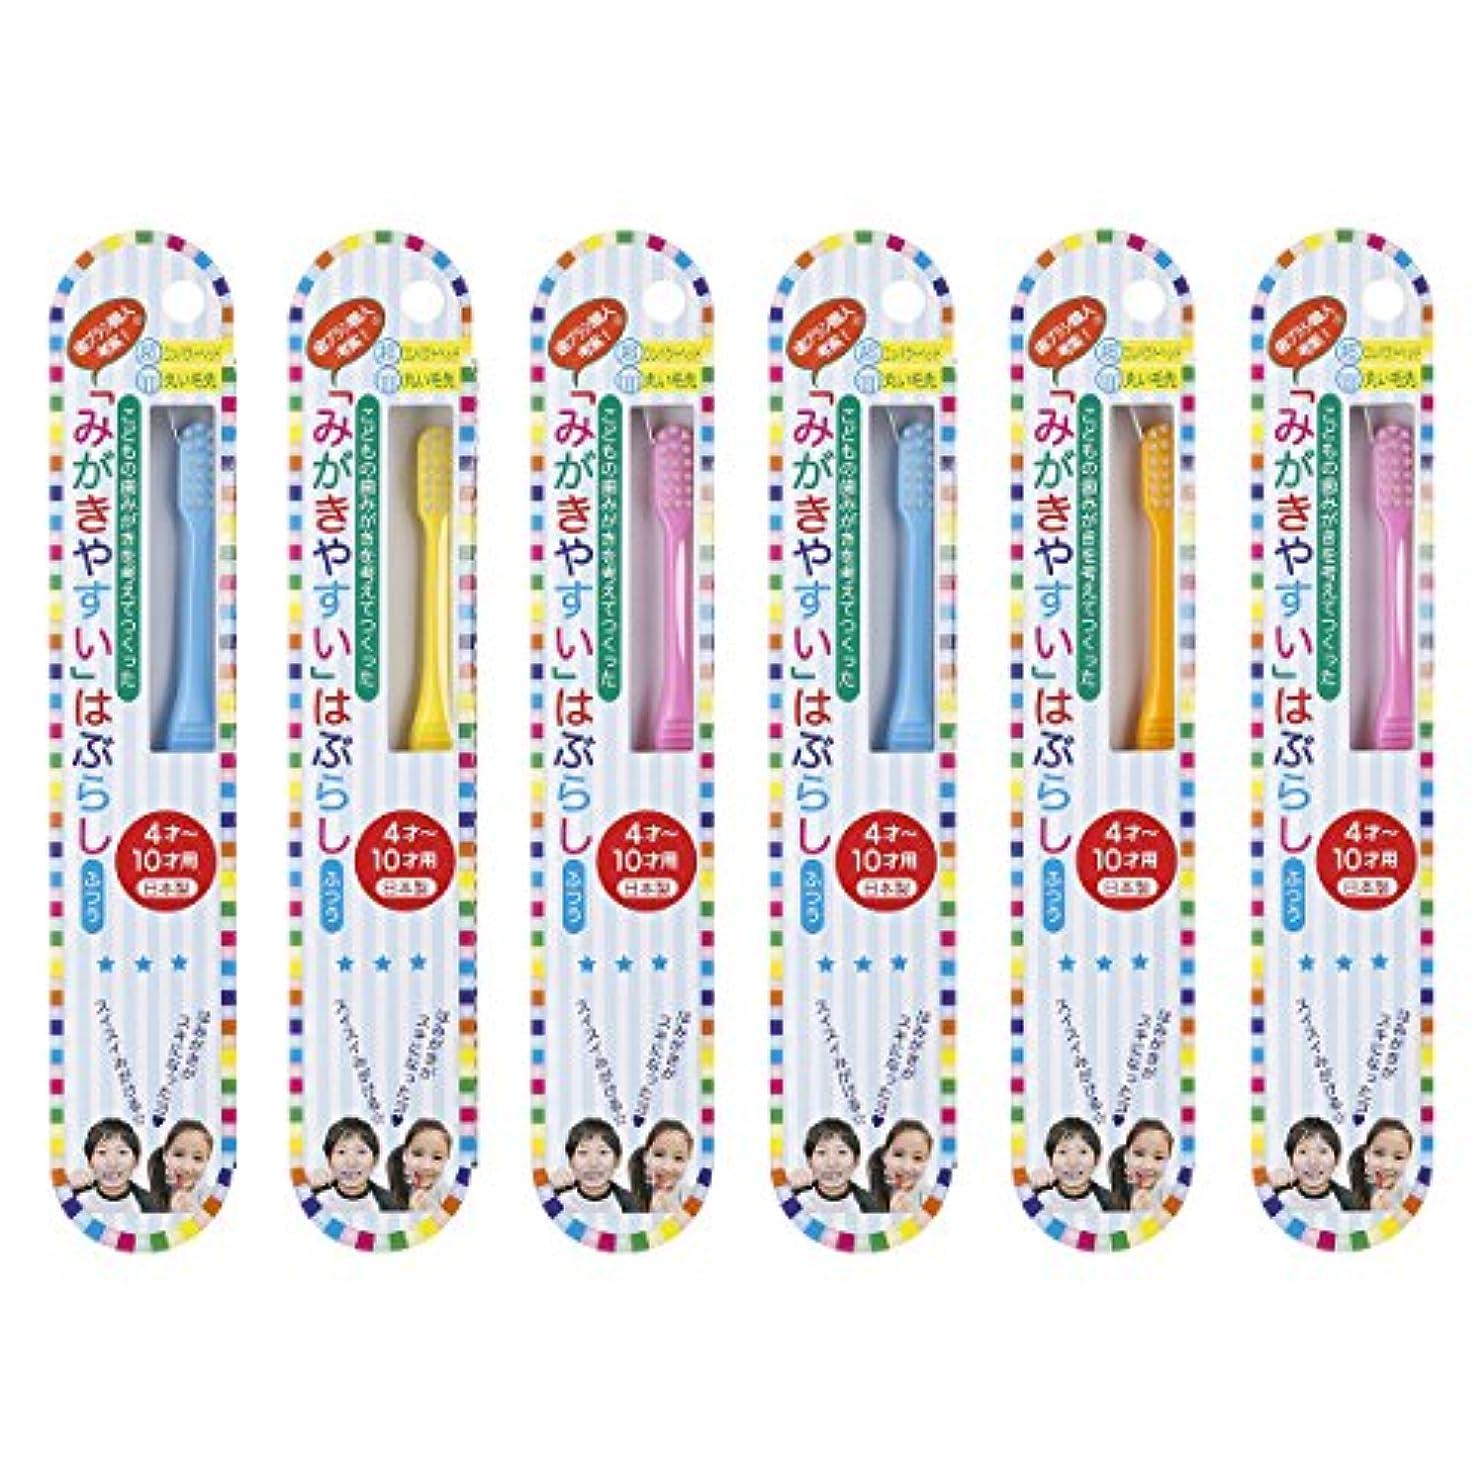 シーケンス打ち上げるサスティーン歯ブラシ職人Artooth  日本製  田辺重吉 磨きやすい歯ブラシこども用 LT-10 (6本パック)